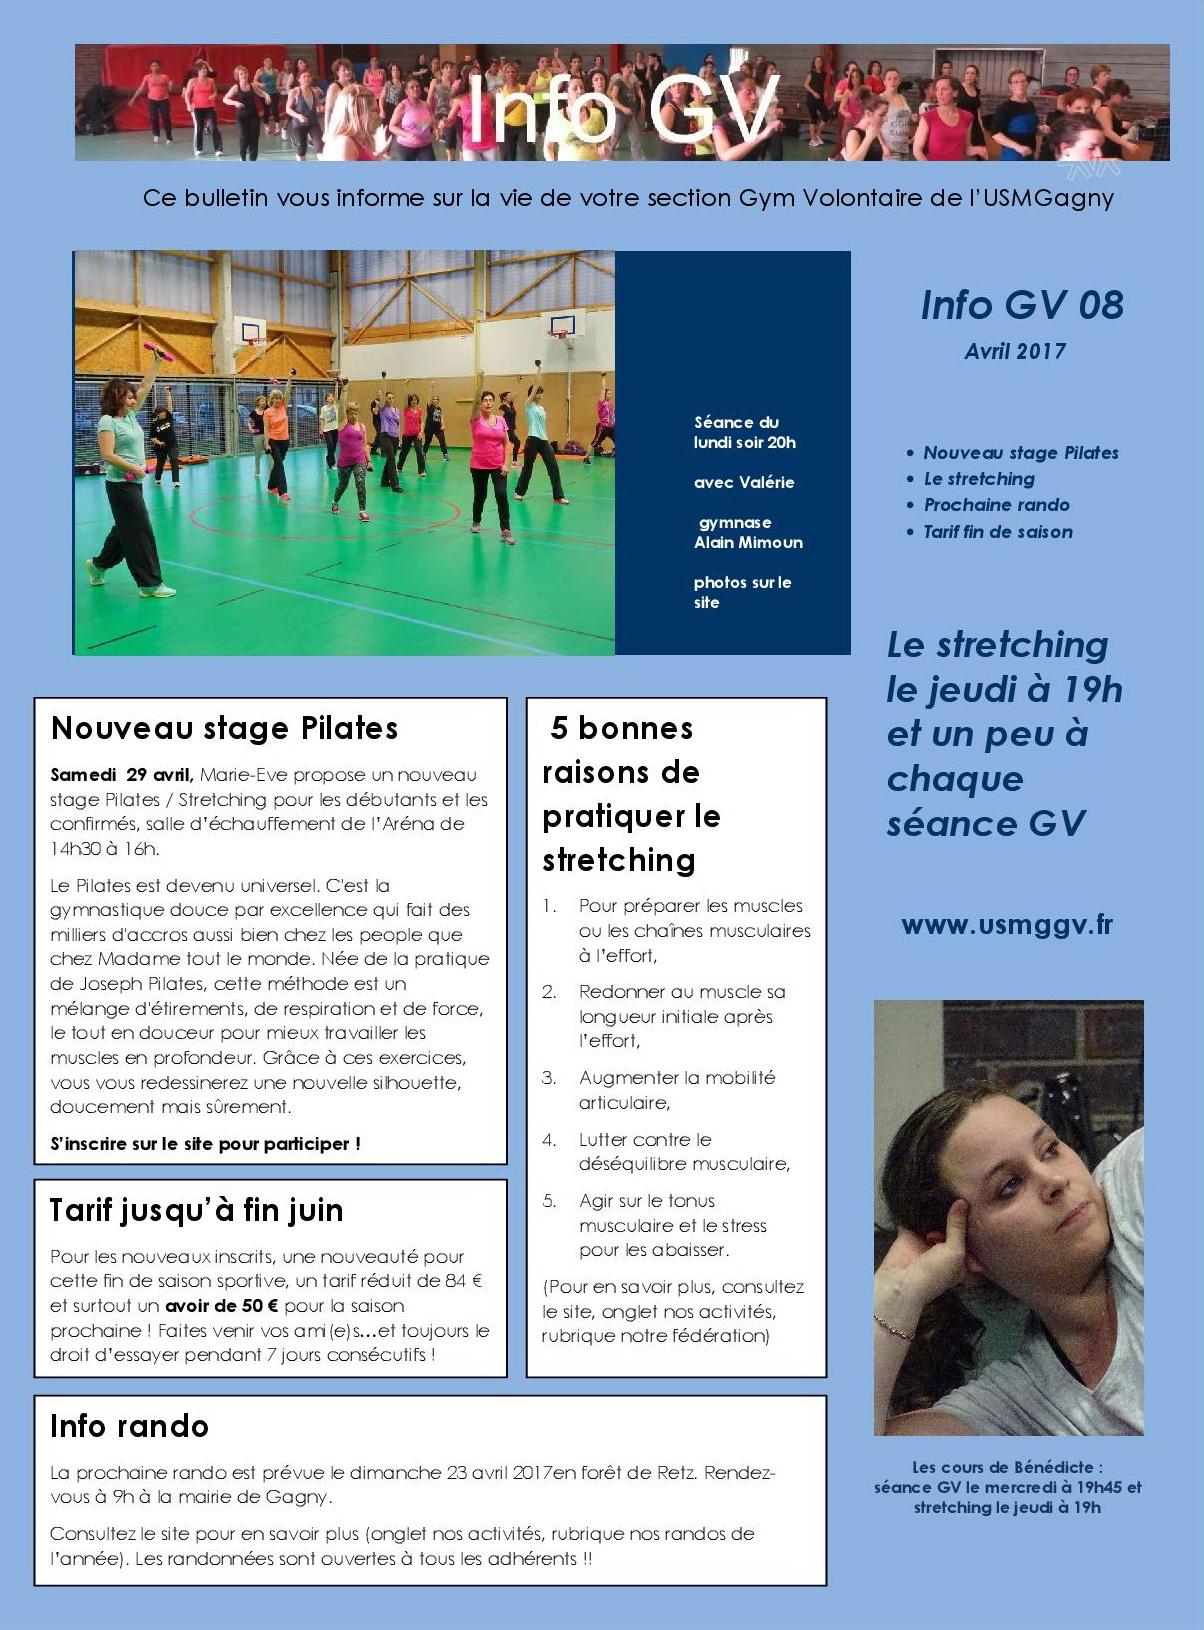 Info gv 08